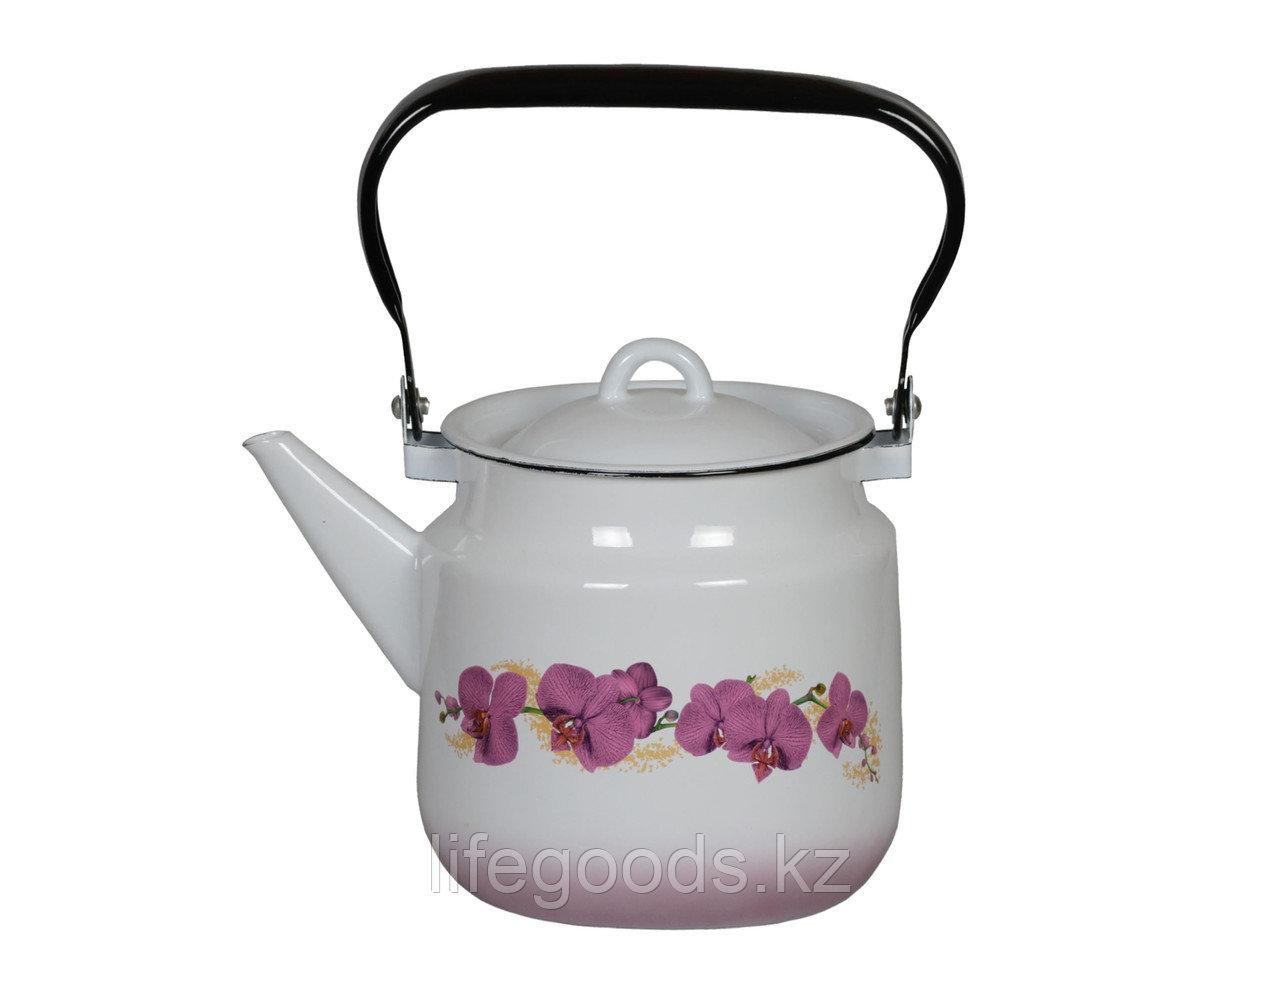 Чайник 2л Орхидея, 1с25я